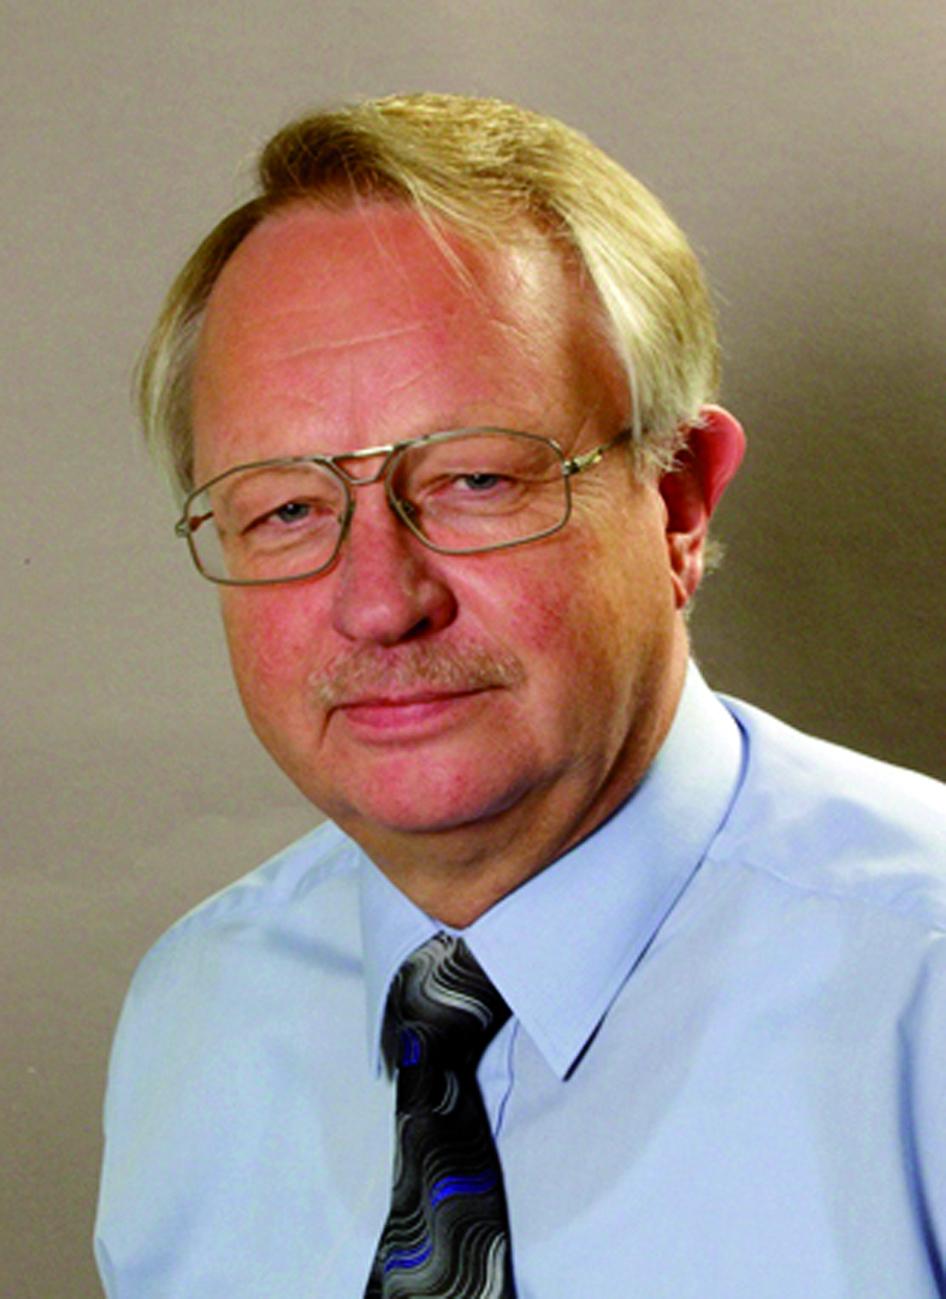 Portraitfoto von Herrn Sigurd Hofmann.